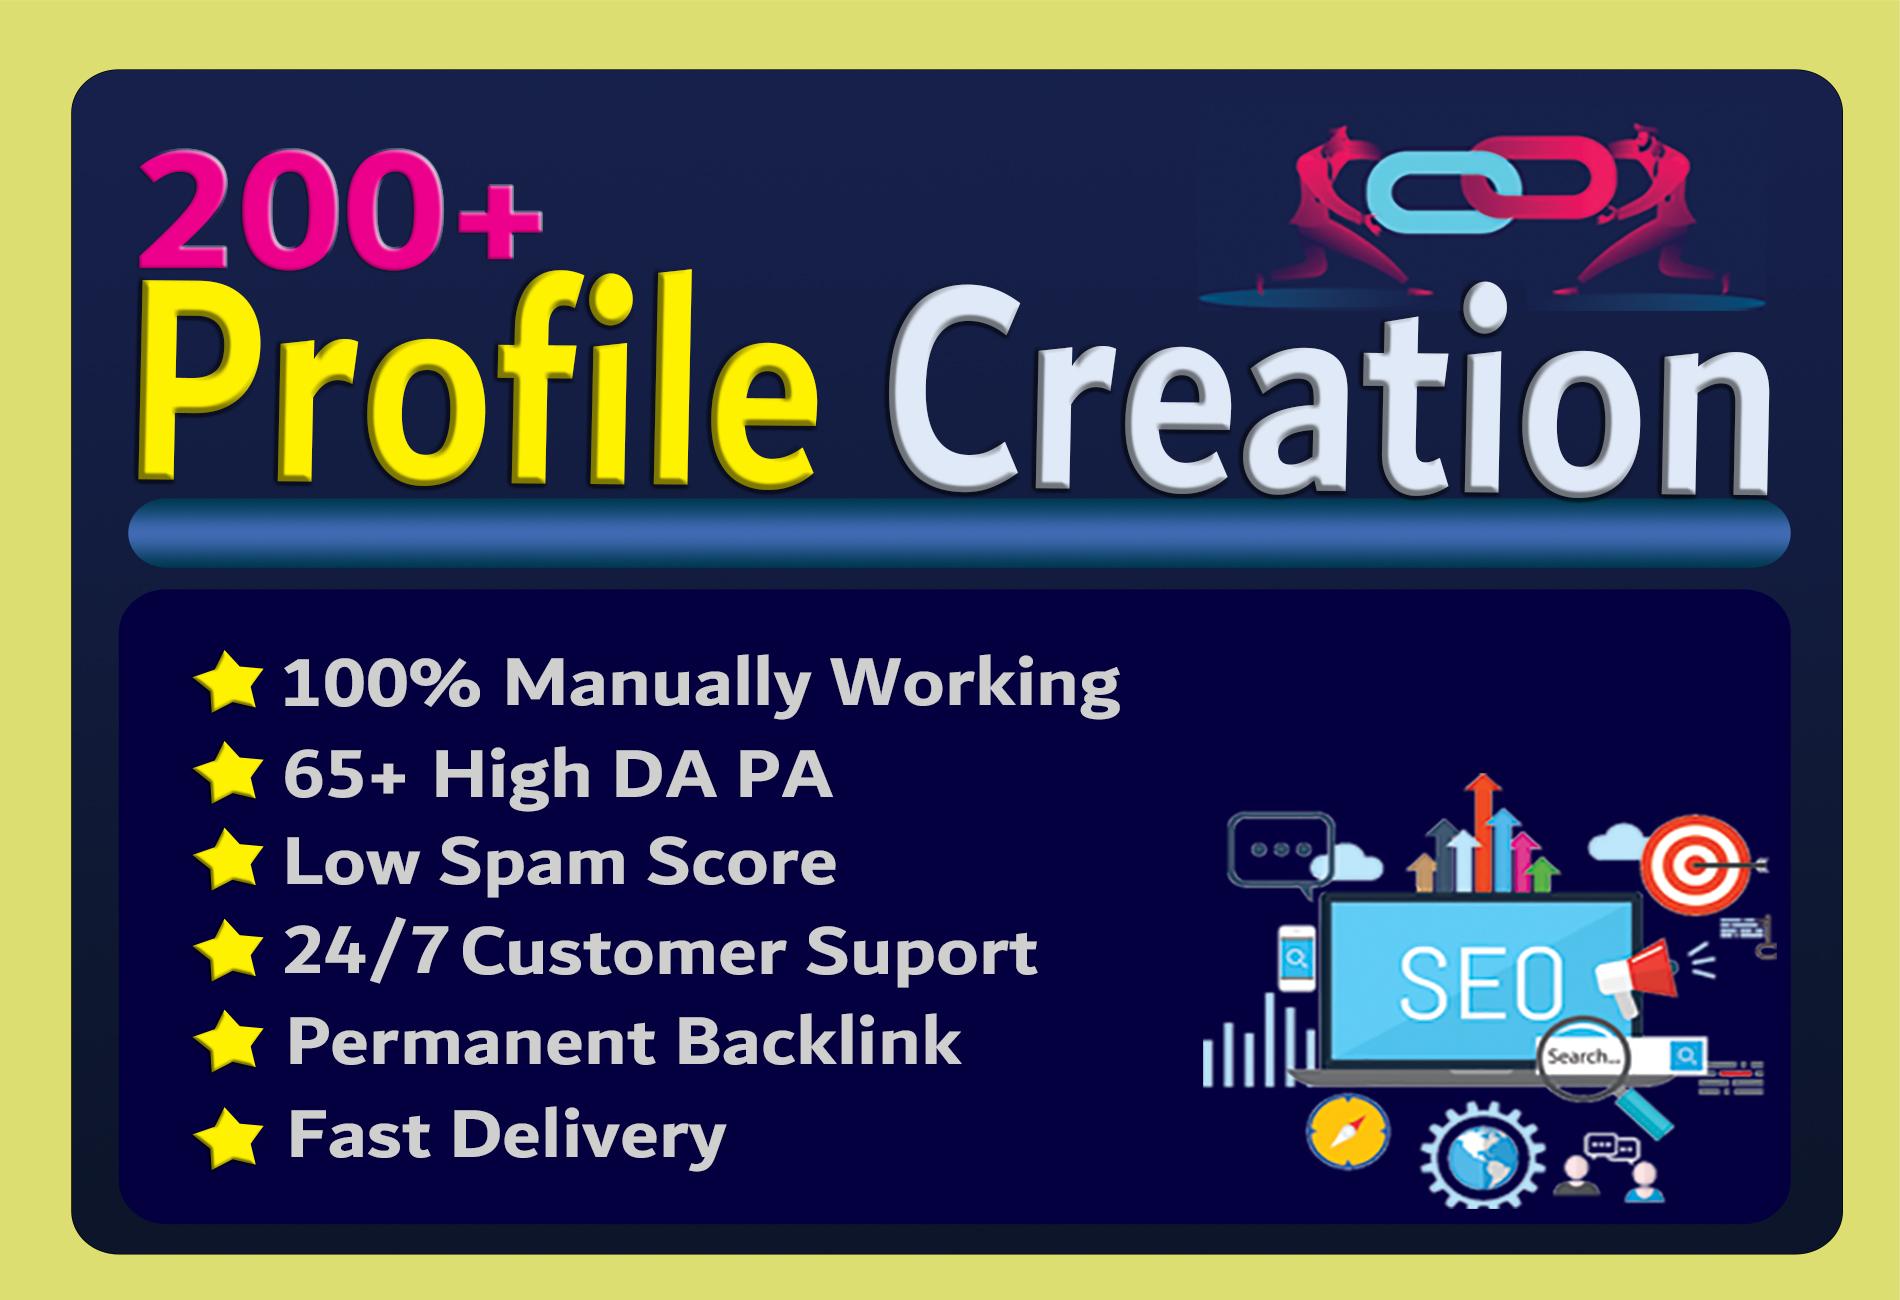 I will Create 200 High DA Profile Creation Backlinks